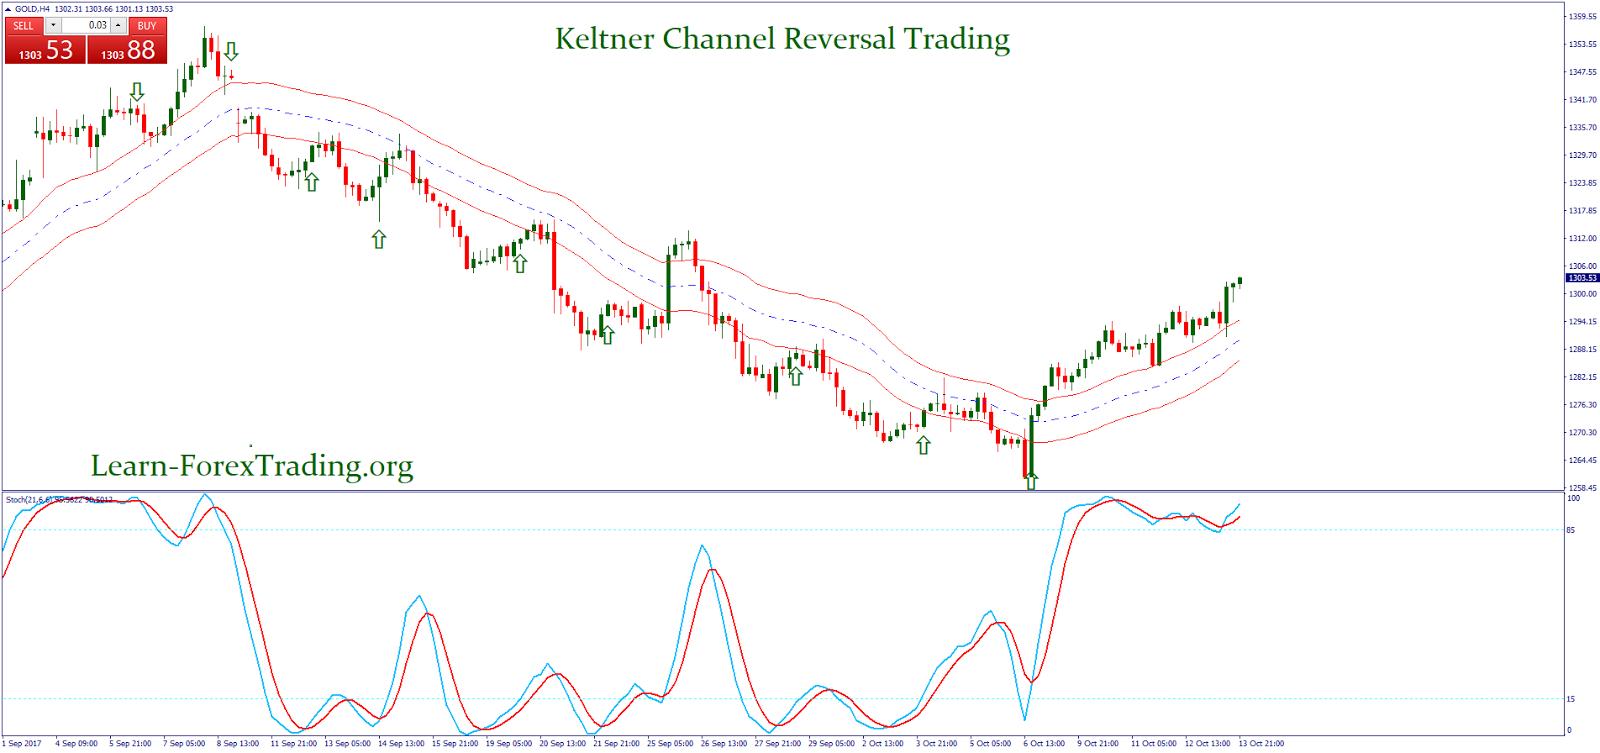 Forex keltner channel trading system